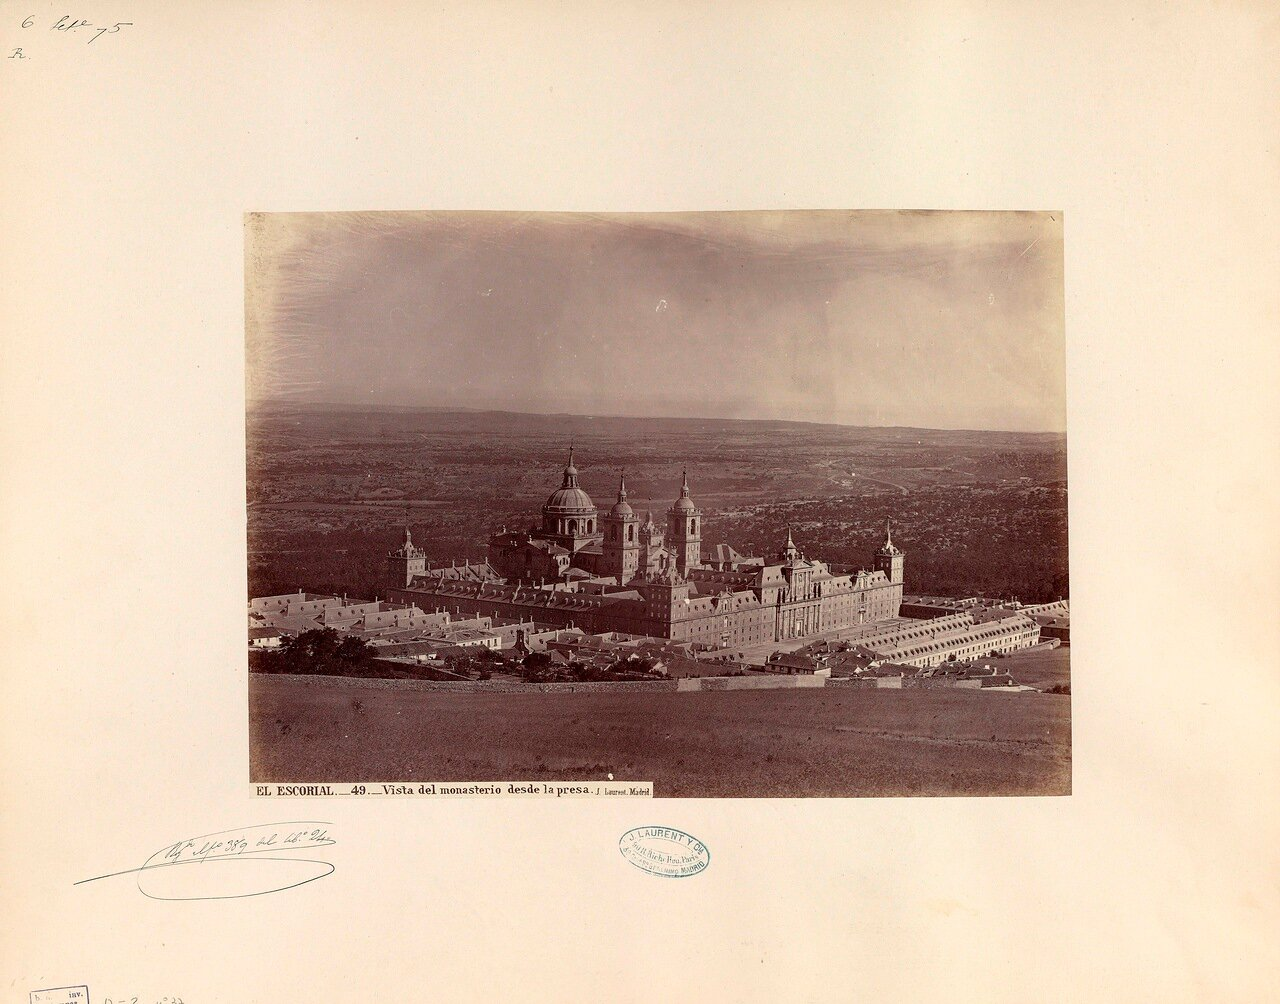 Панорама монастыря Эскориал.